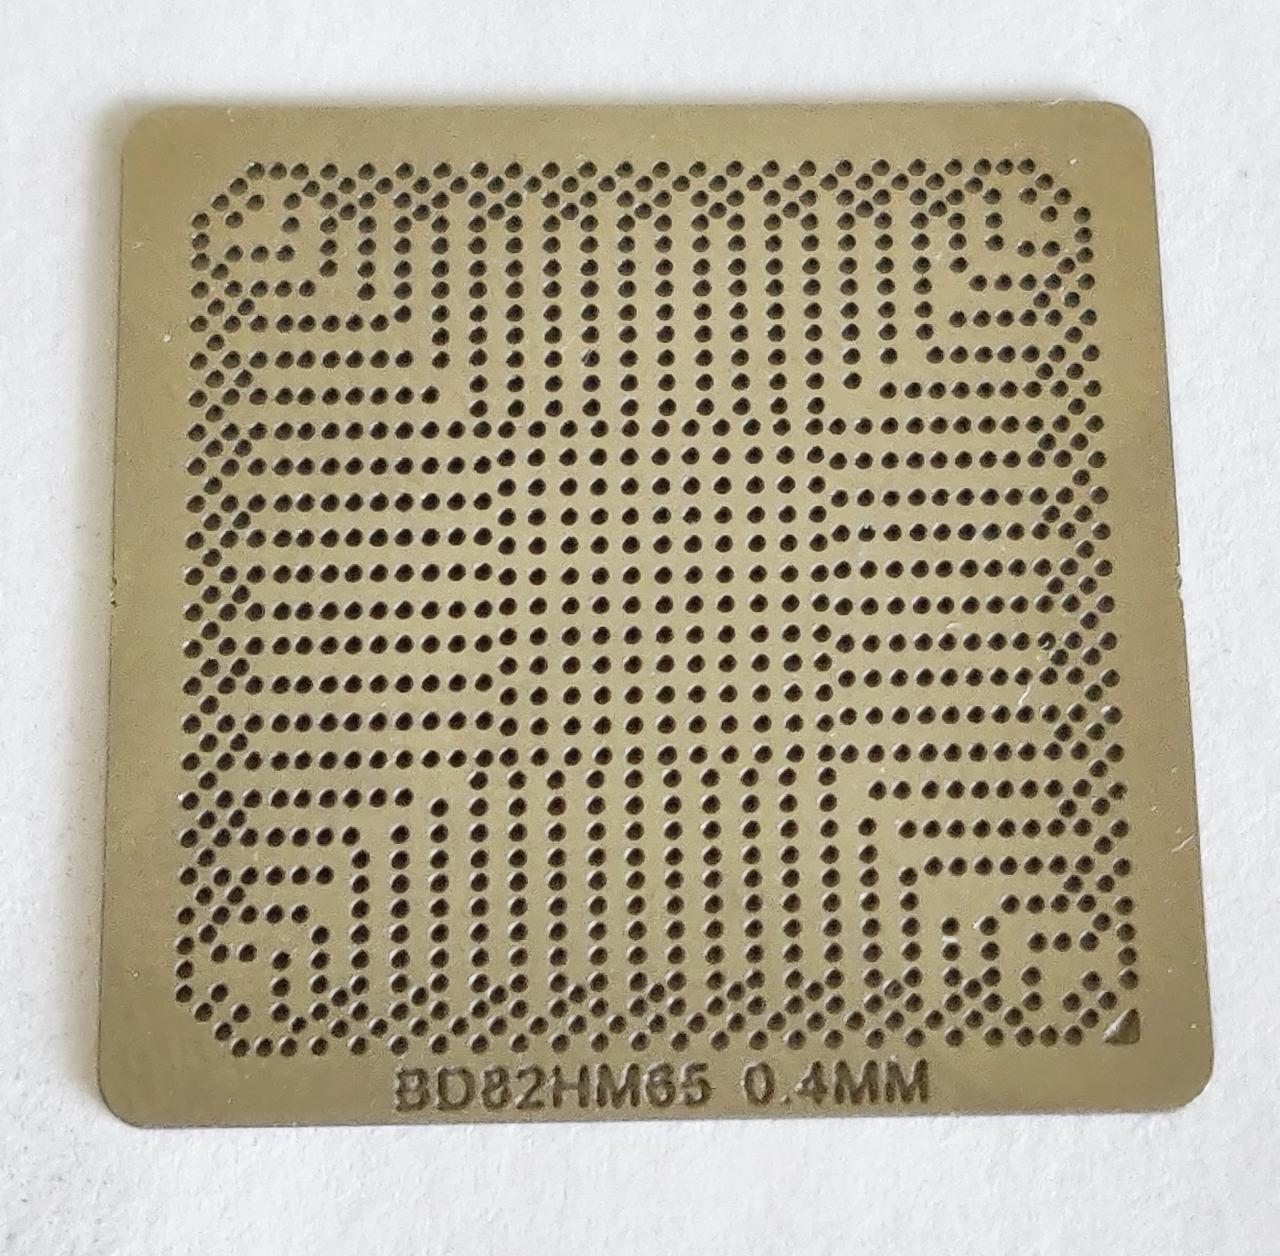 Трафарет BGA BD82HM65, BD82HM65, BD82HM67, BD82HM77, BD82HM76, BD82QM67, BD82HM70, BD82PM55.